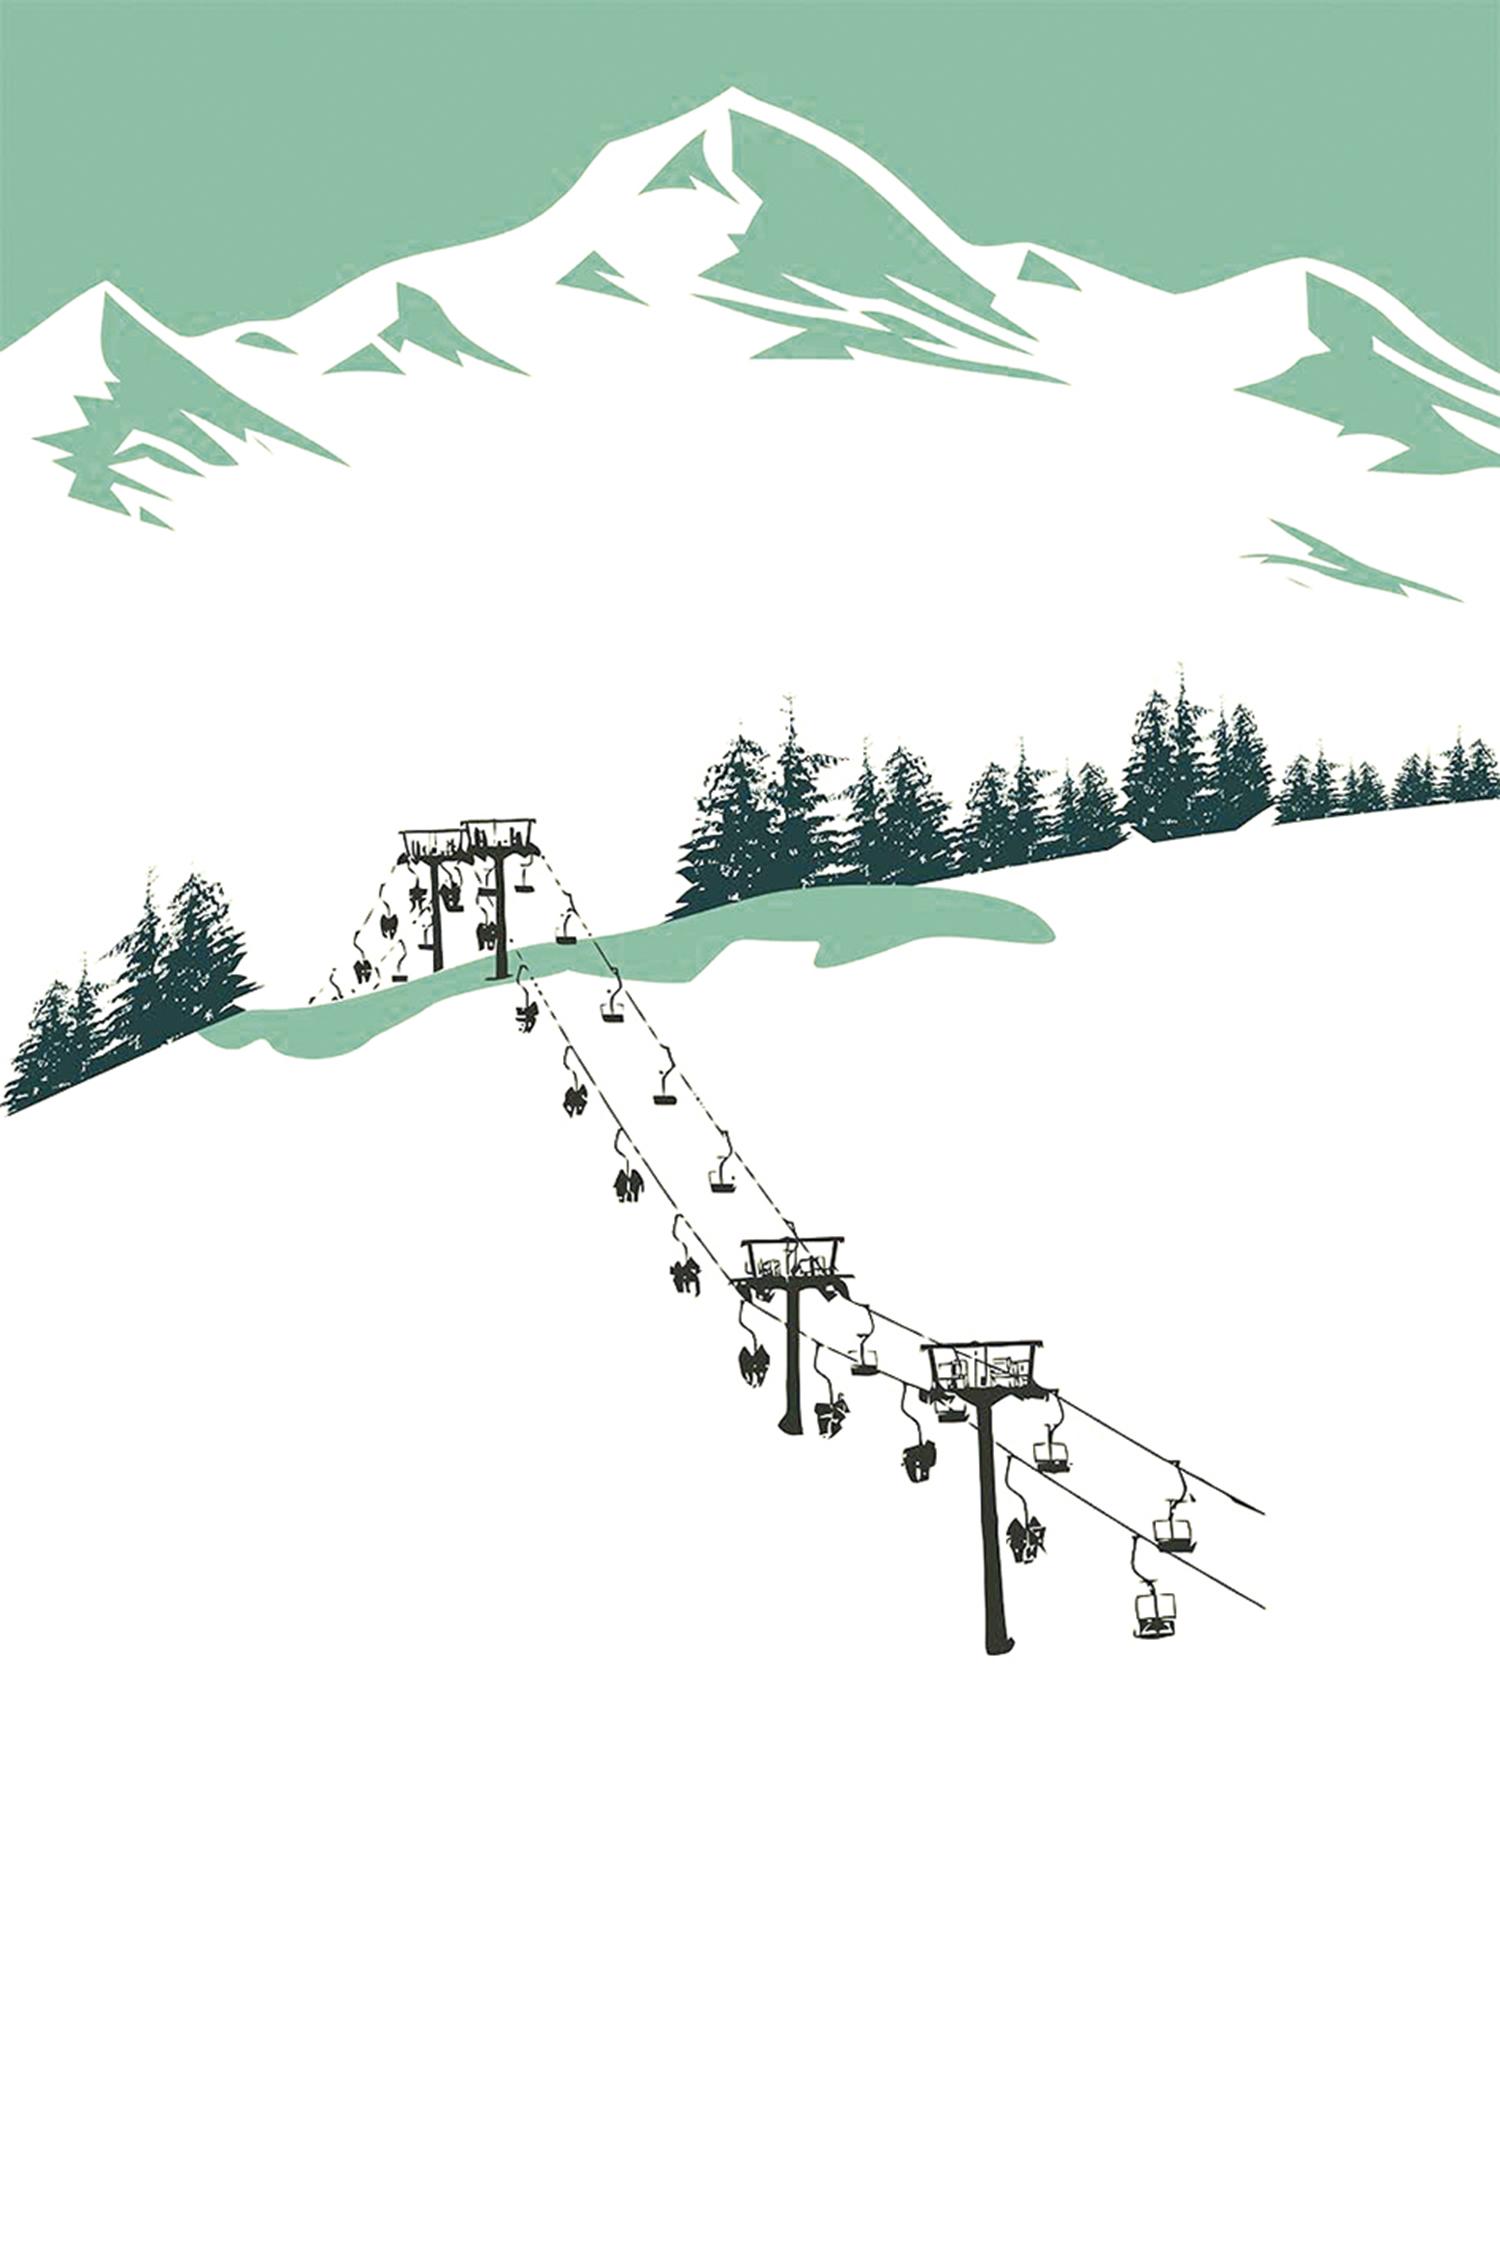 tourisme-pyreneen-bigorre-mag-1